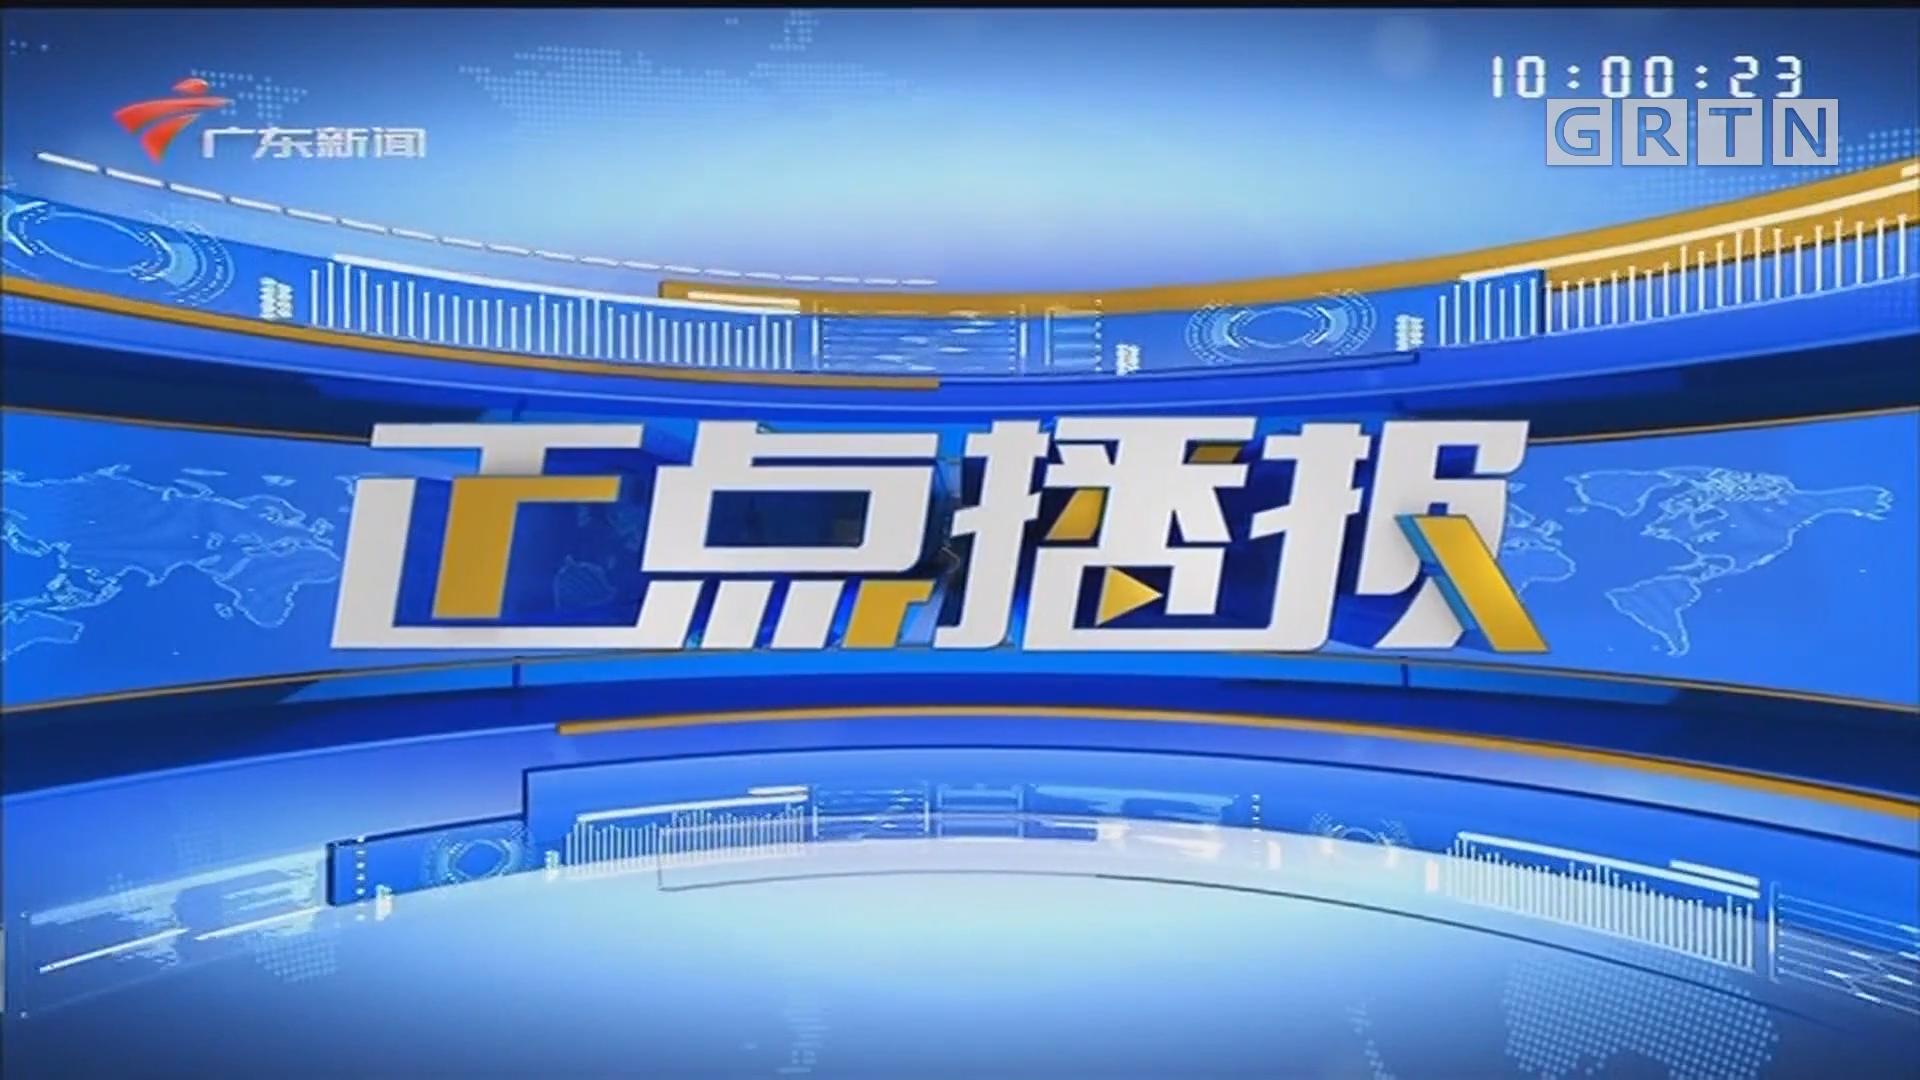 [HD][2020-03-11-10:00]正点播报:世卫组织:中国以外新冠肺炎确诊共计32778例 西班牙:马德里学校关闭 体育赛事空场举行